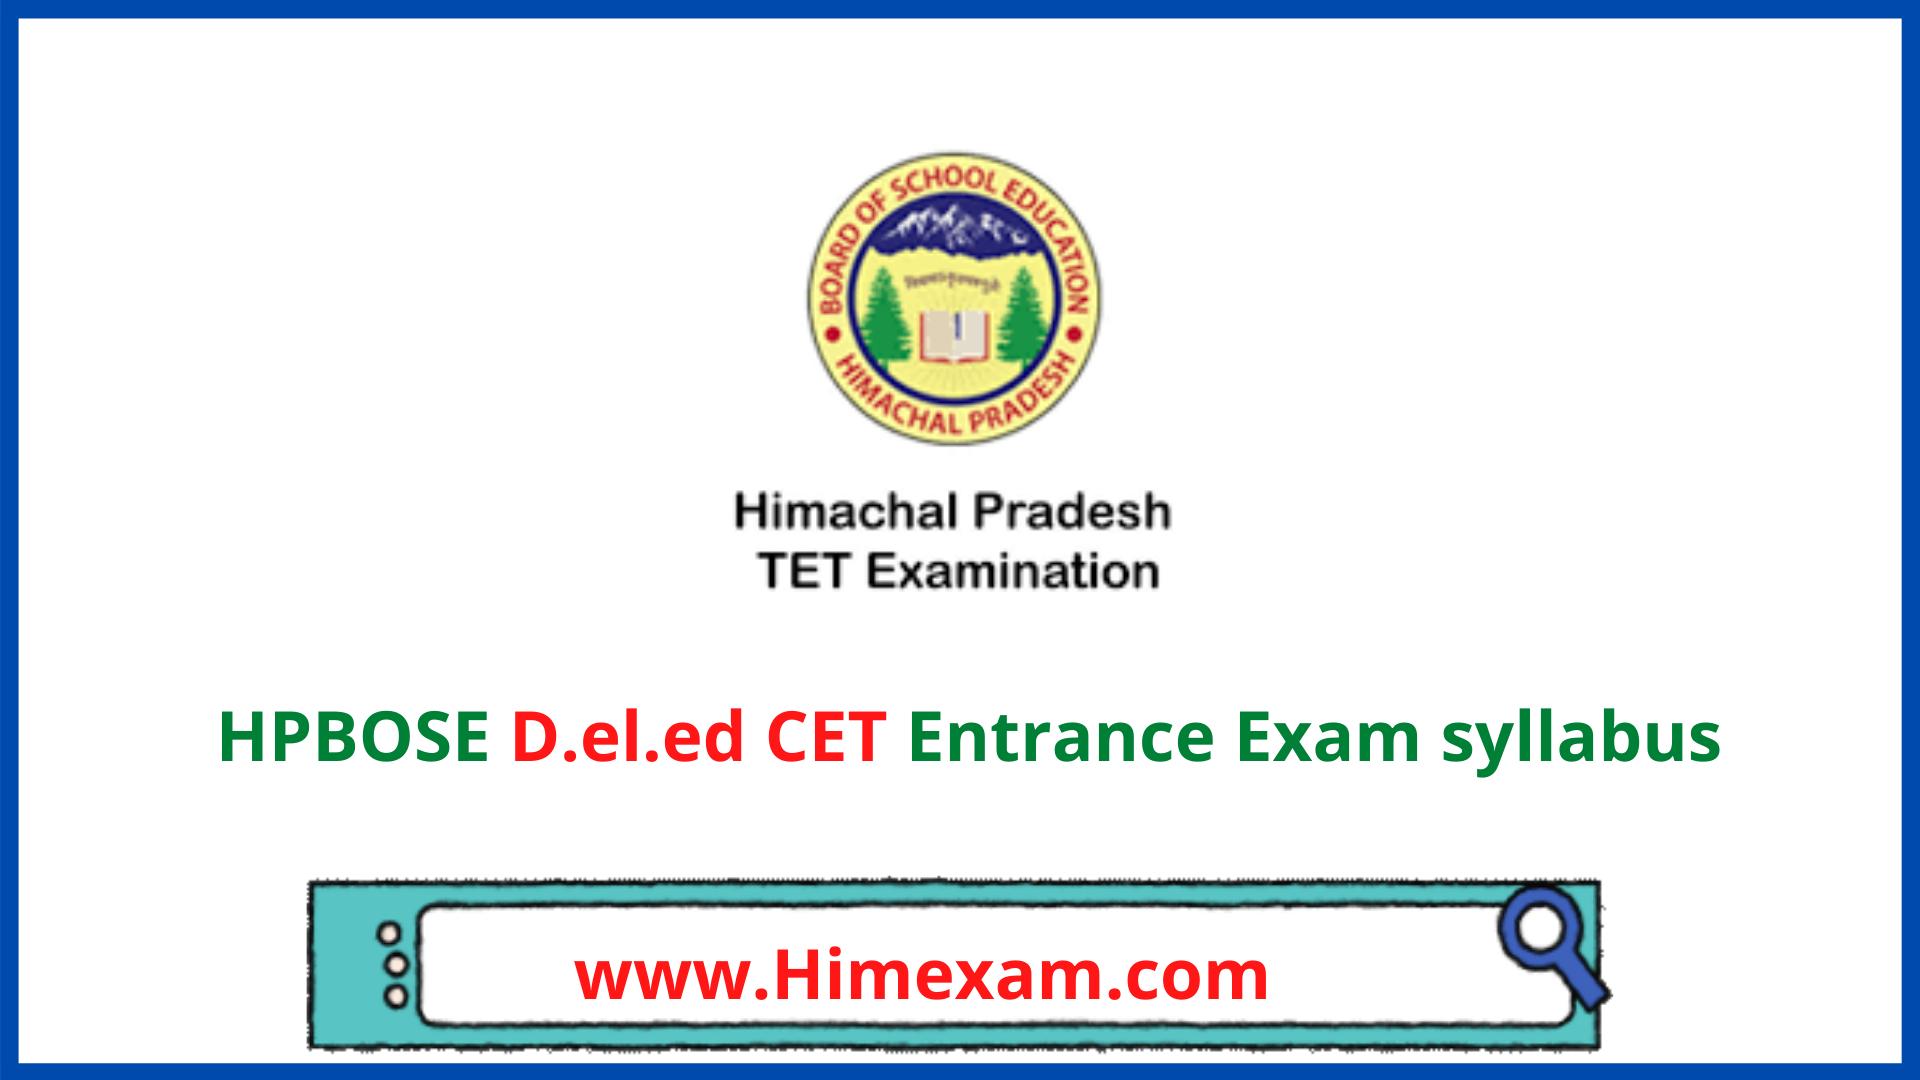 HPBOSE D.el.ed CET Entrance Exam syllabus